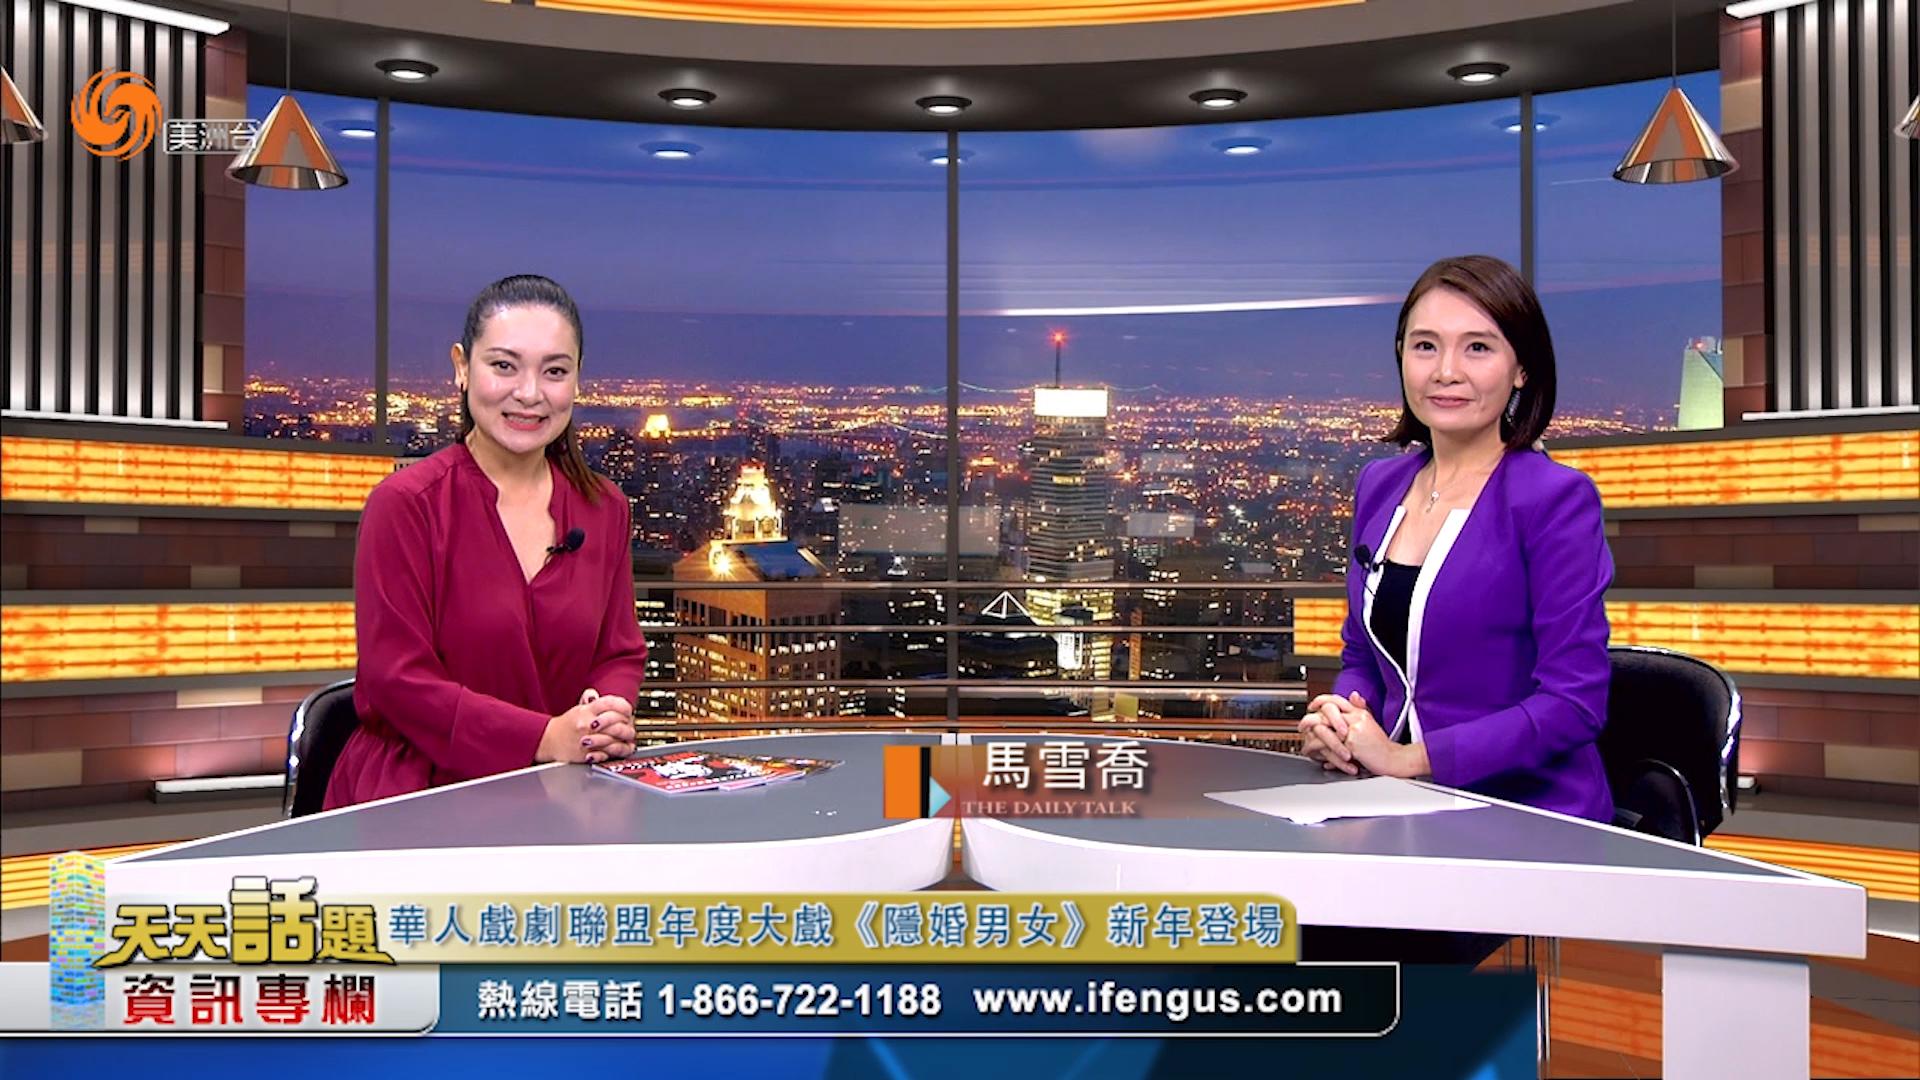 华人戏剧联盟年度大戏《隐婚男女》新年登场